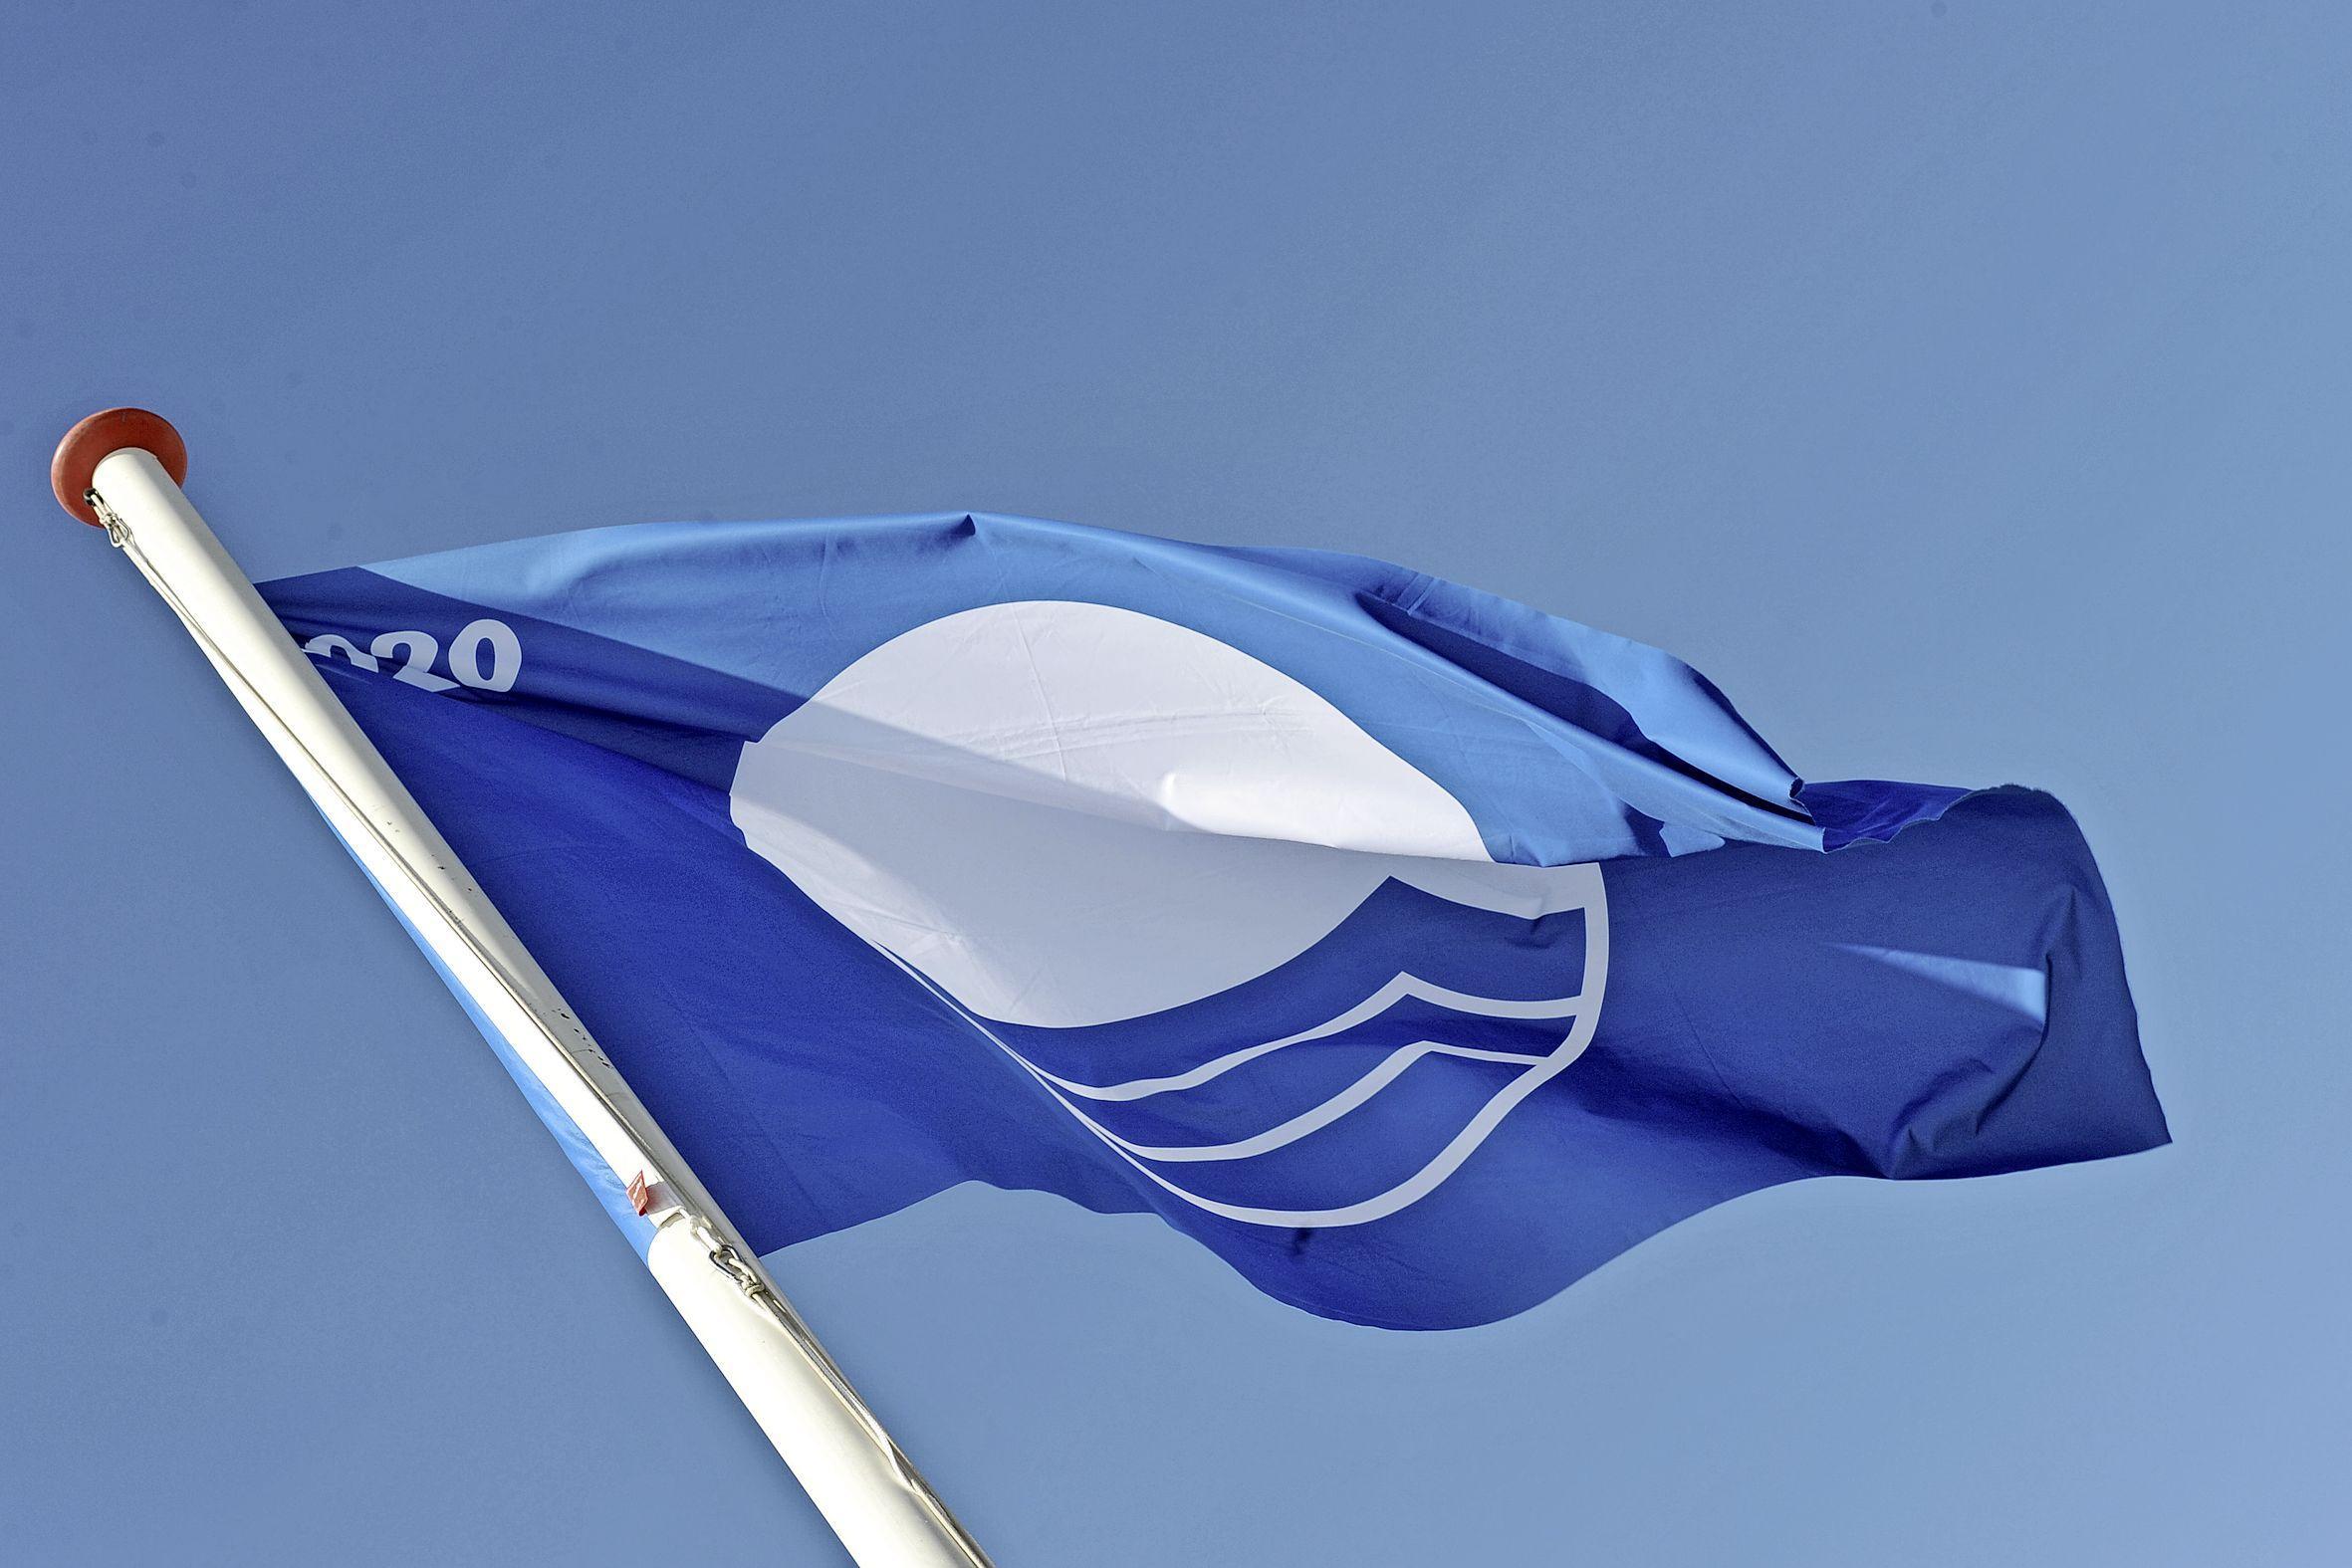 Zeven Blauwe Vlaggen voor jachthavens en stranden in de Bollenstreek